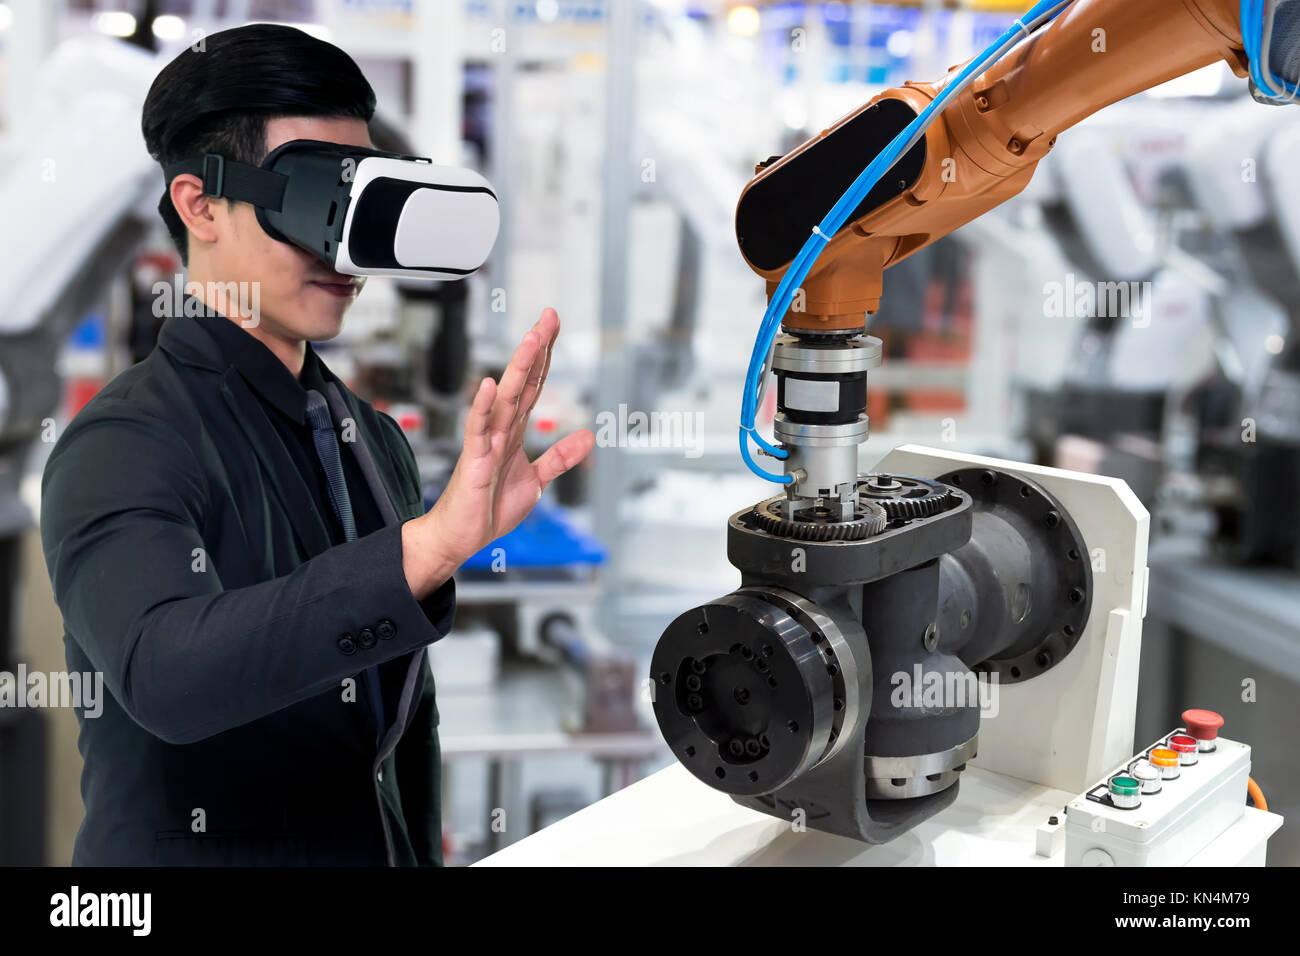 La technologie de la réalité virtuelle dans l industrie 4.0. Costume homme  d affaires portant des lunettes pour voir VR AR , service de surveillance  ... c5256715be73